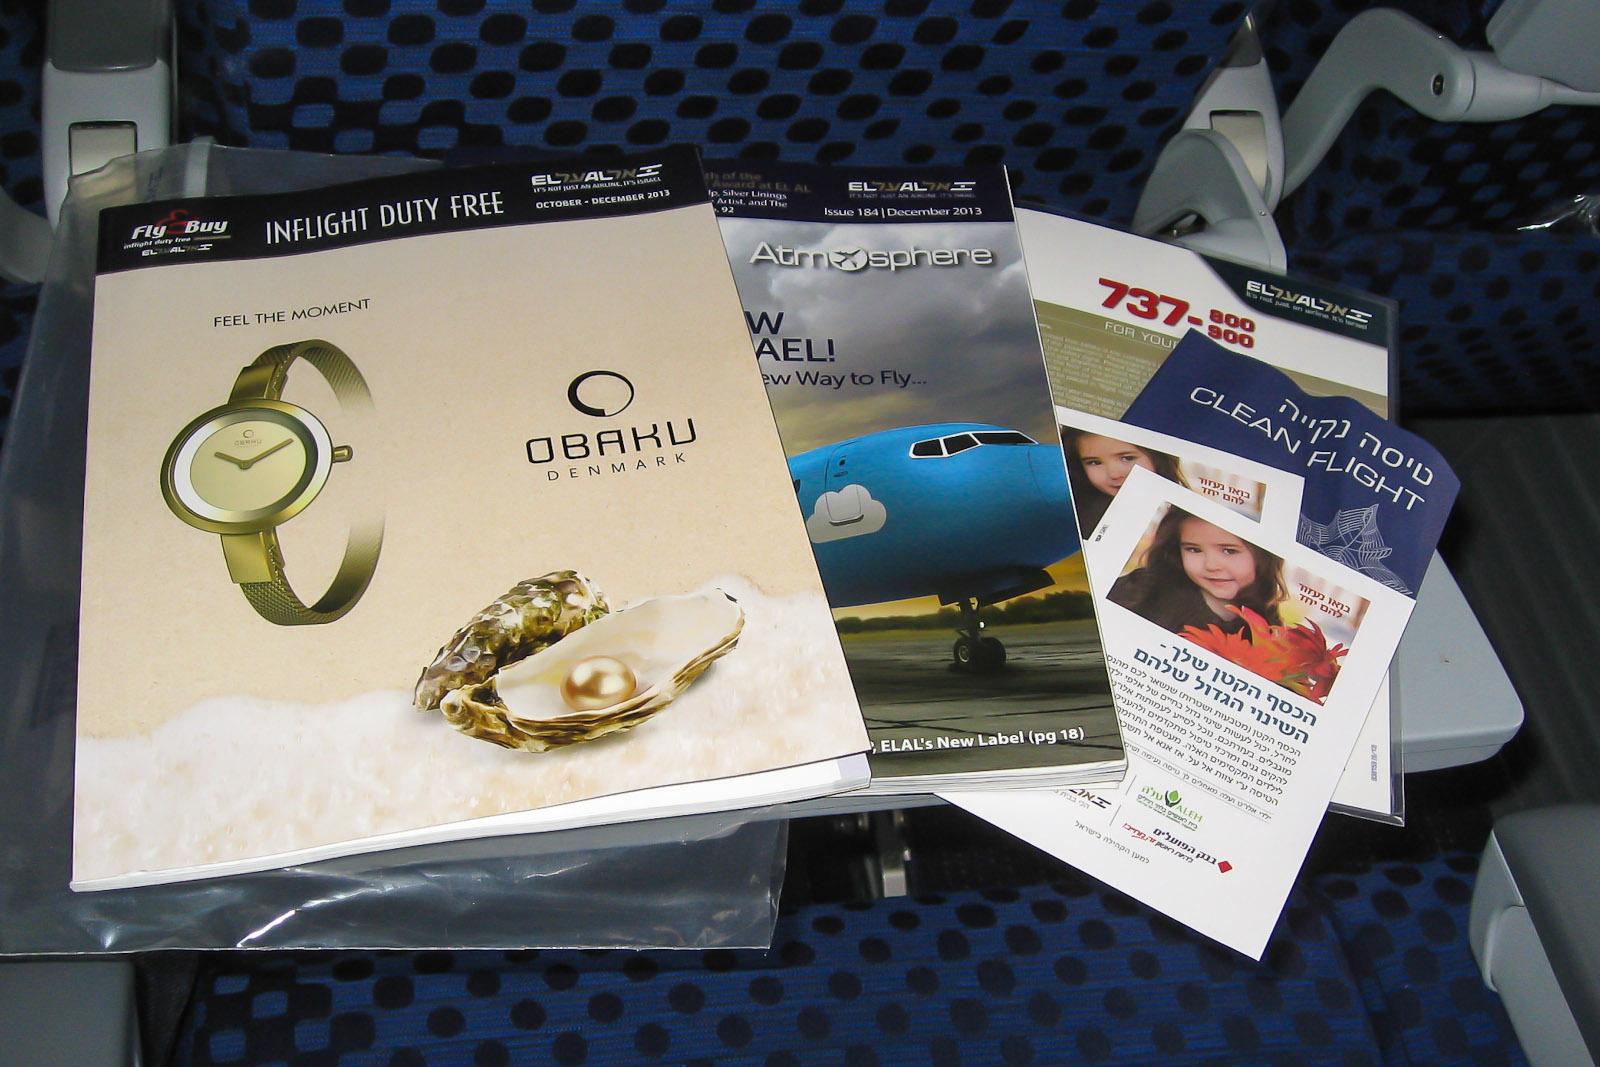 Журналы для пассажиров авиакомпании Эль Аль